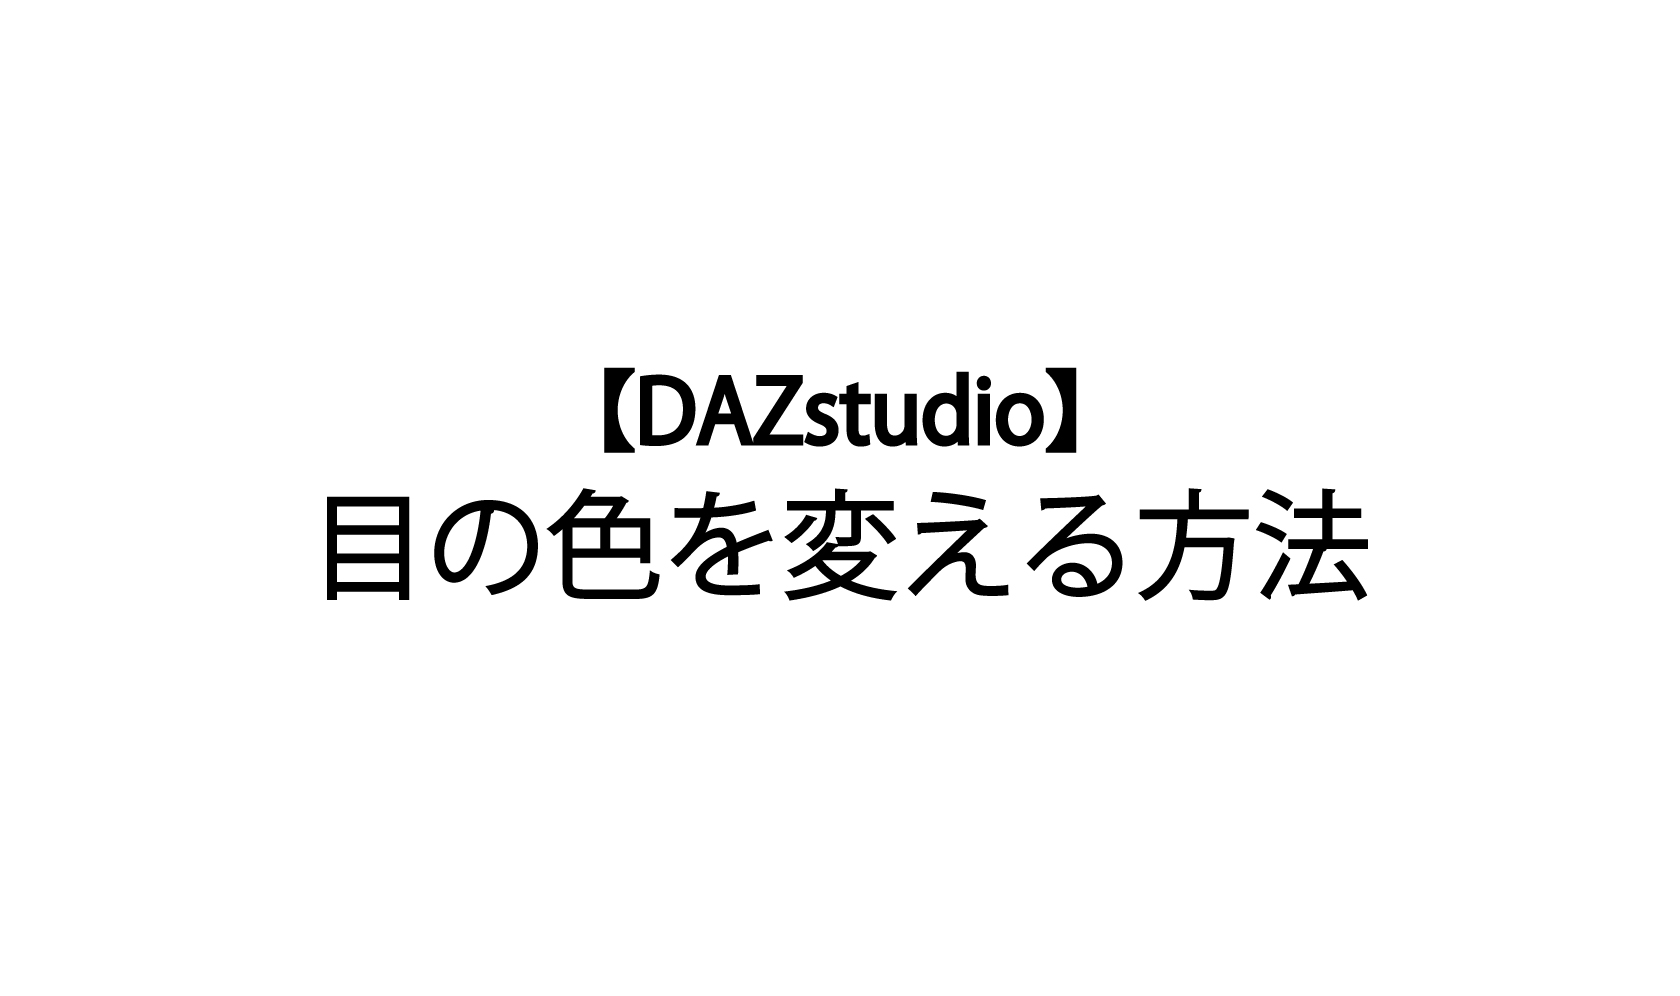 【DAZstudio】目の色を変える方法